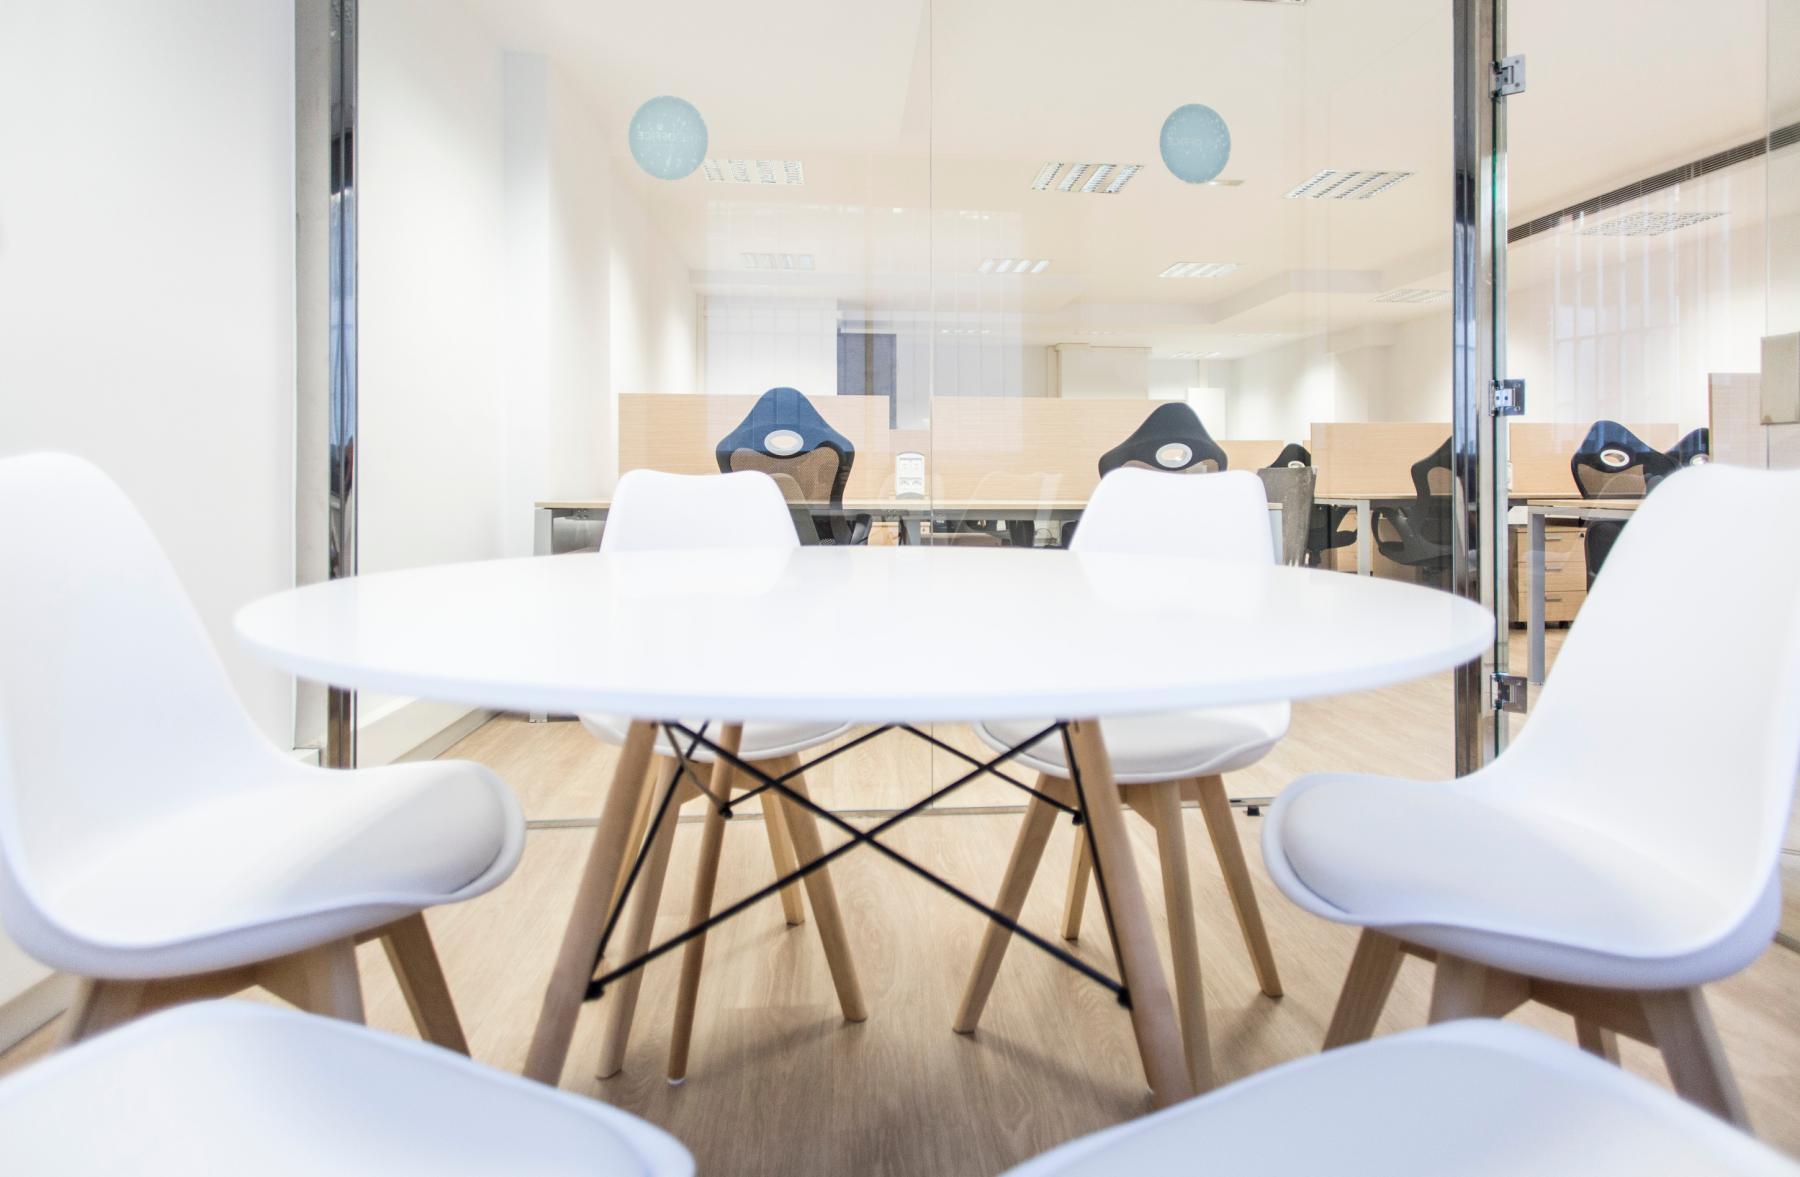 Alquilar oficinas Carrer de Calàbria 149, Barcelona (2)